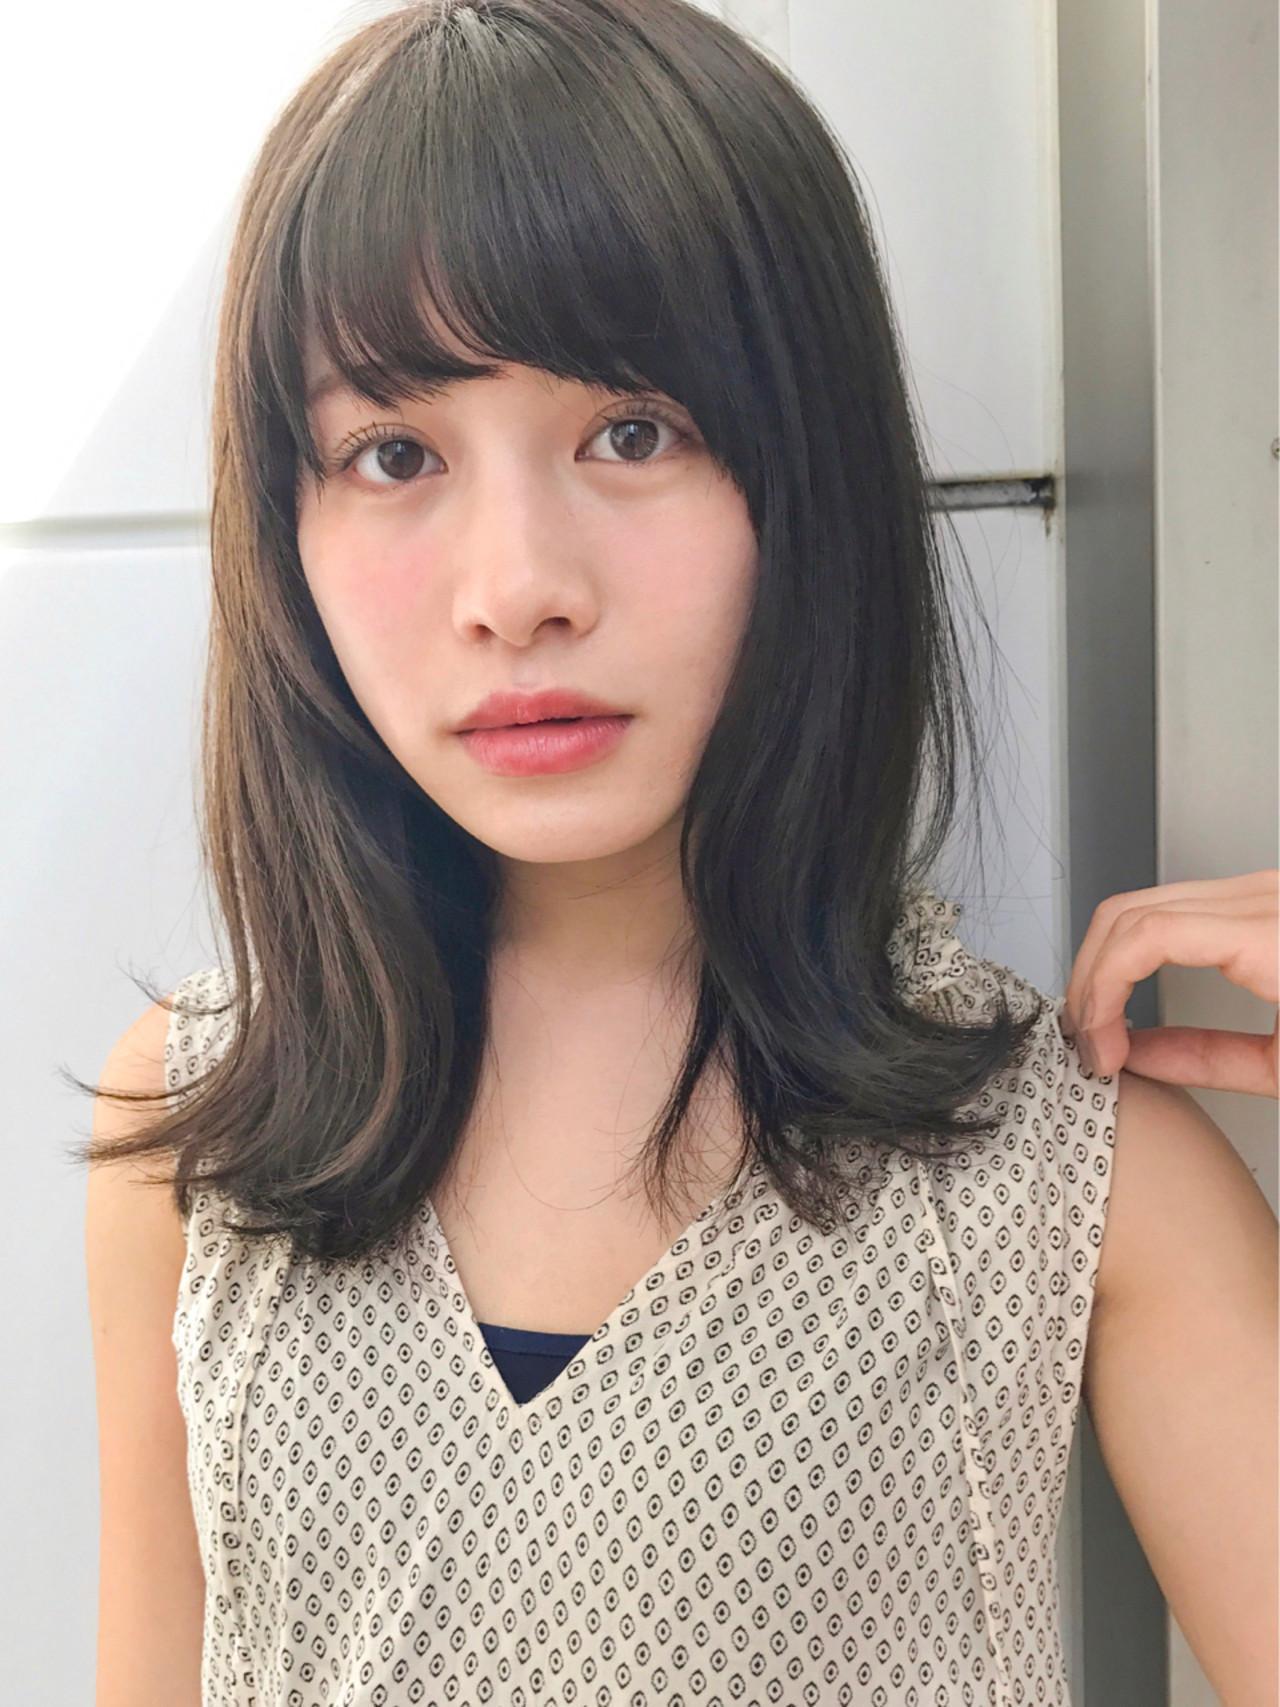 ワンランク上の髪型へシフト♡30代の女性に人気の髪型カタログ♪の7枚目の画像